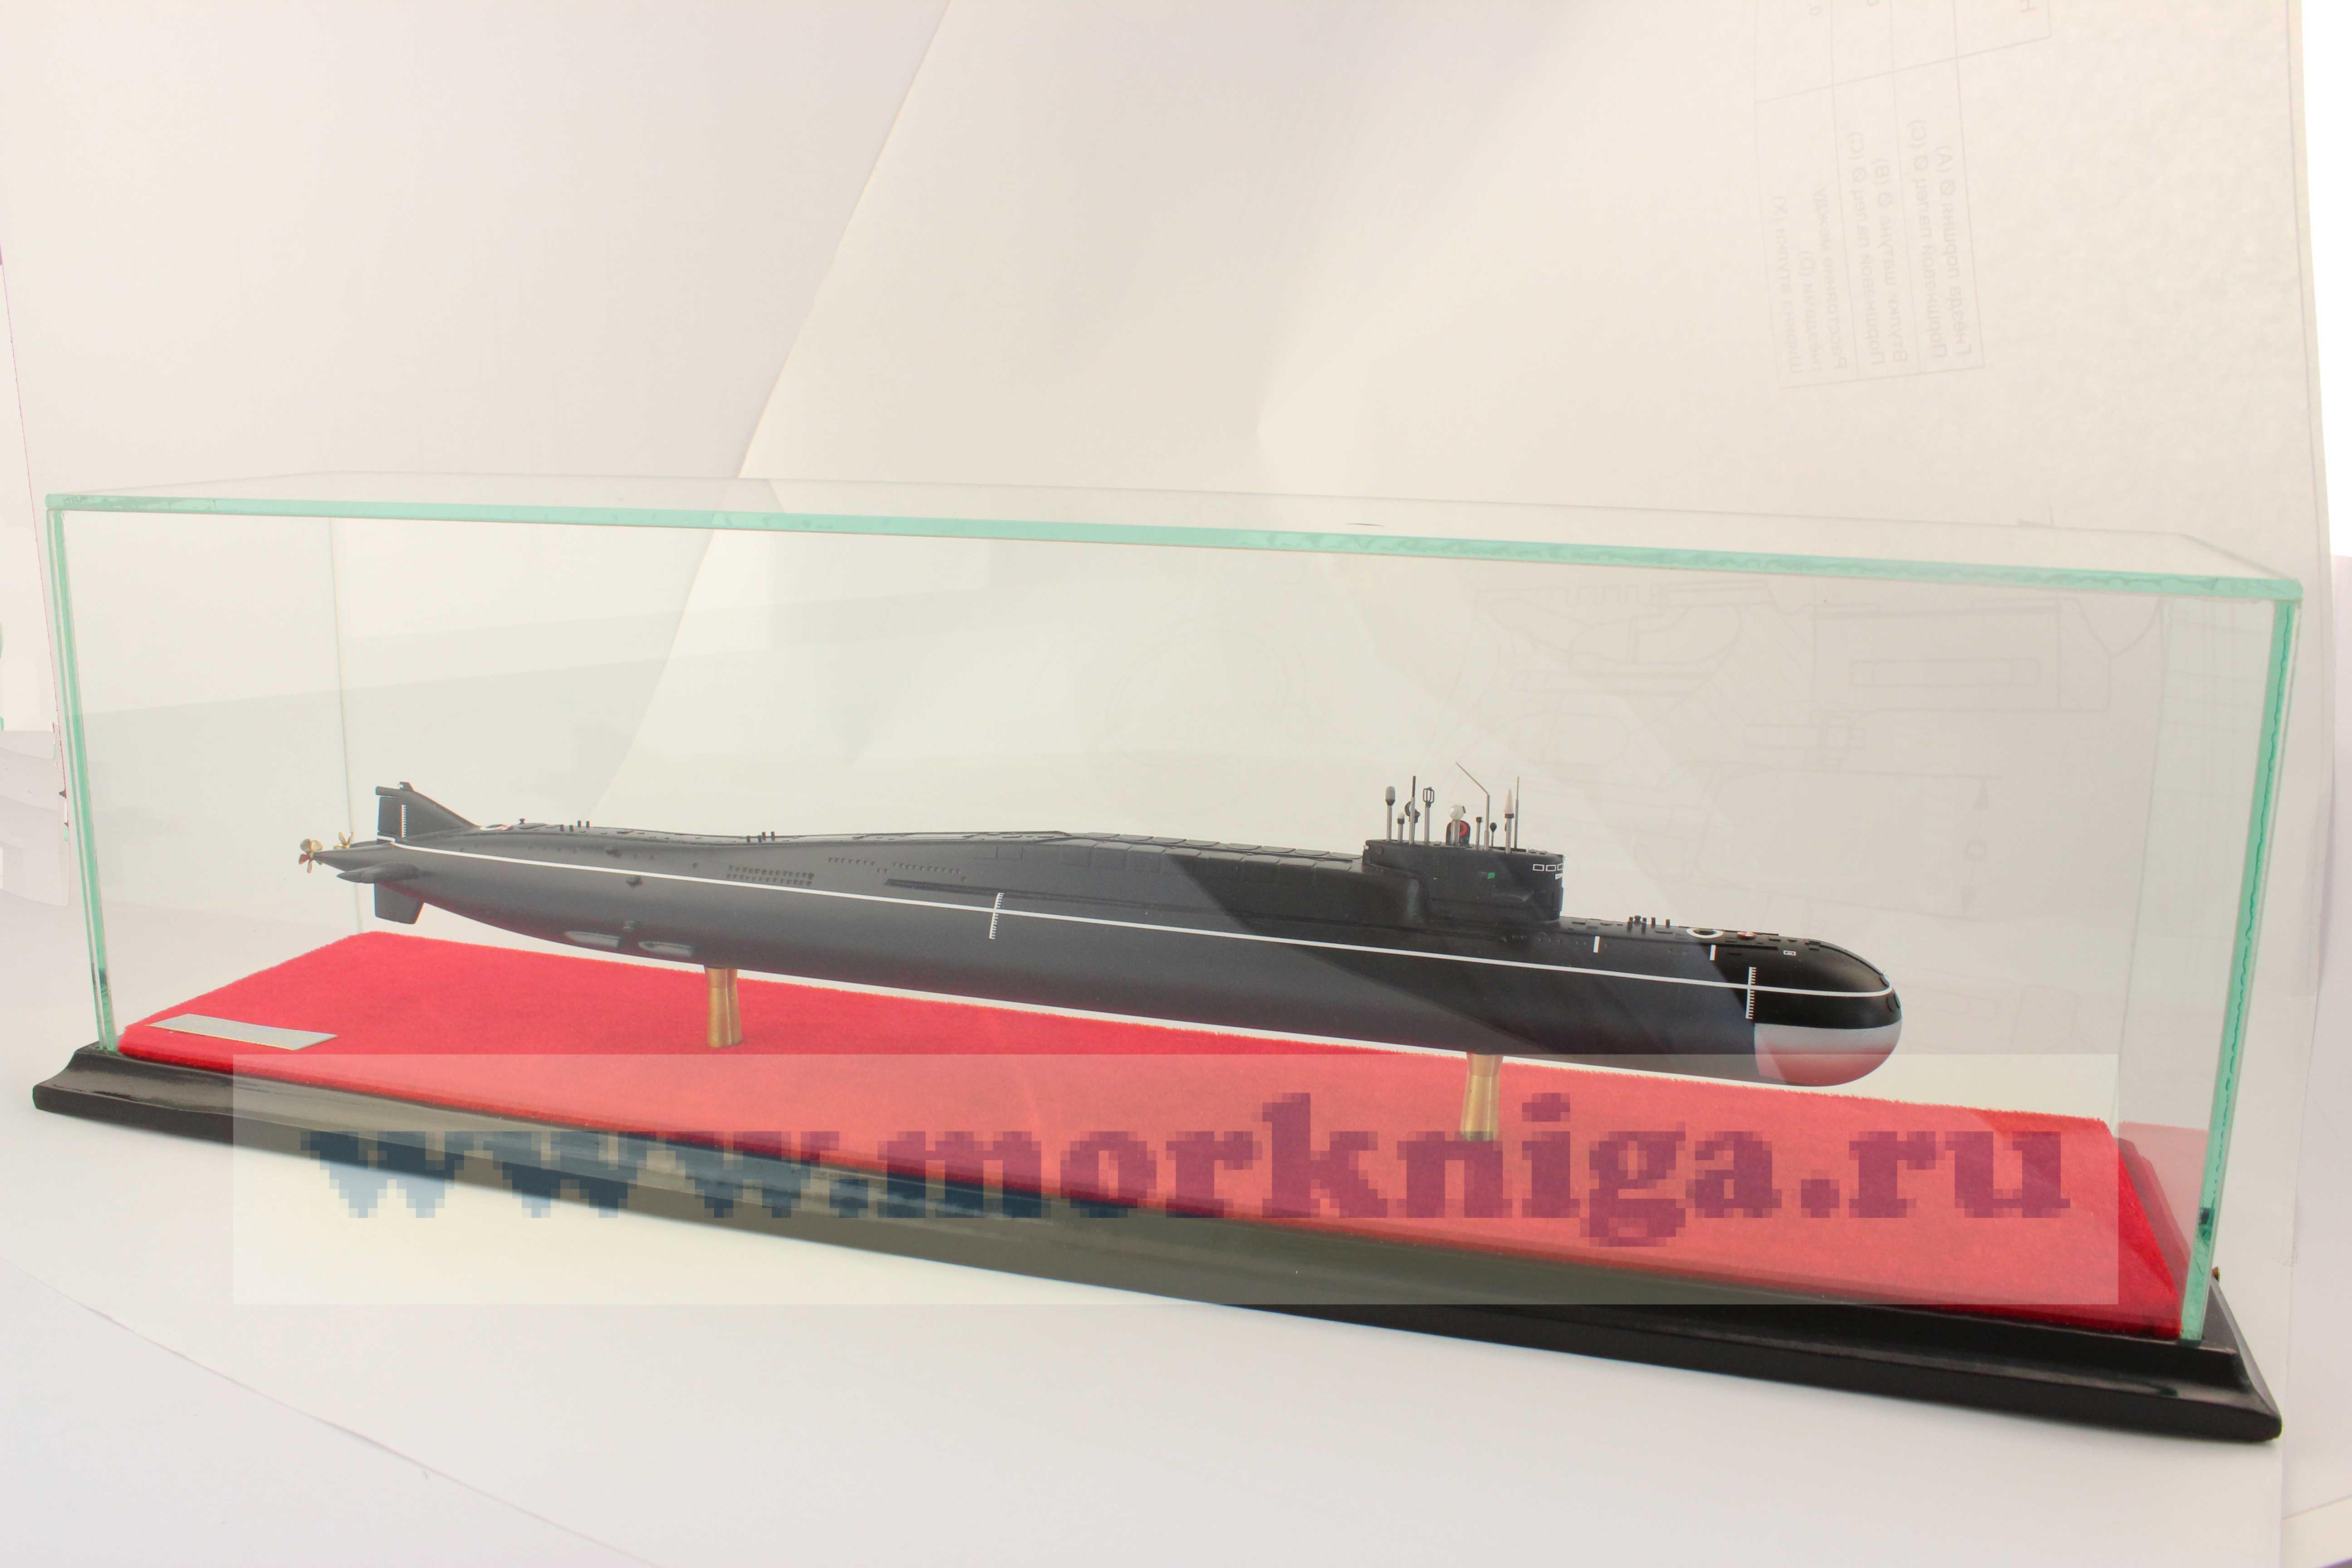 Макет атомной подводной лодки проекта 667 БДРМ